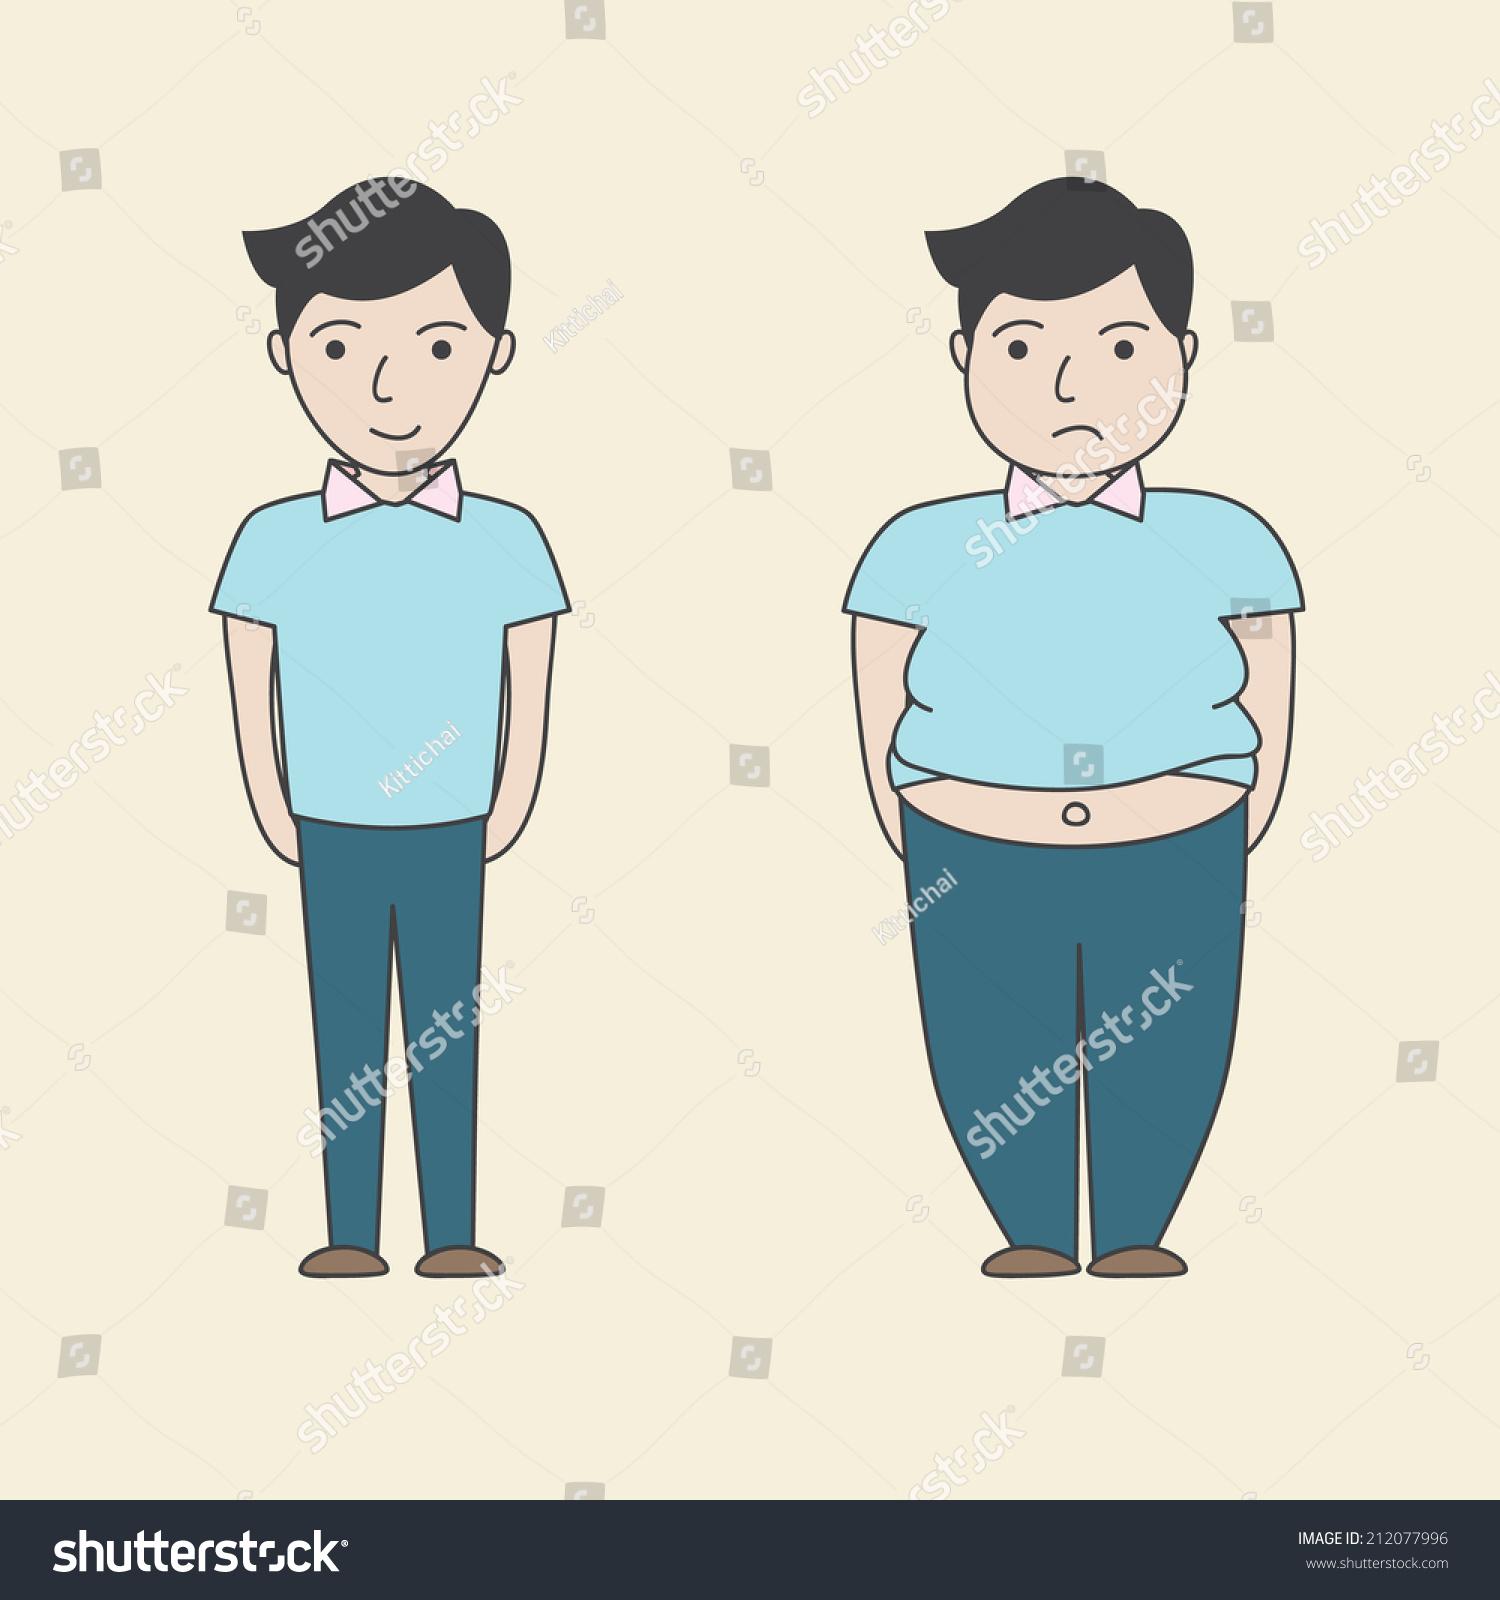 clipart thin man - photo #19